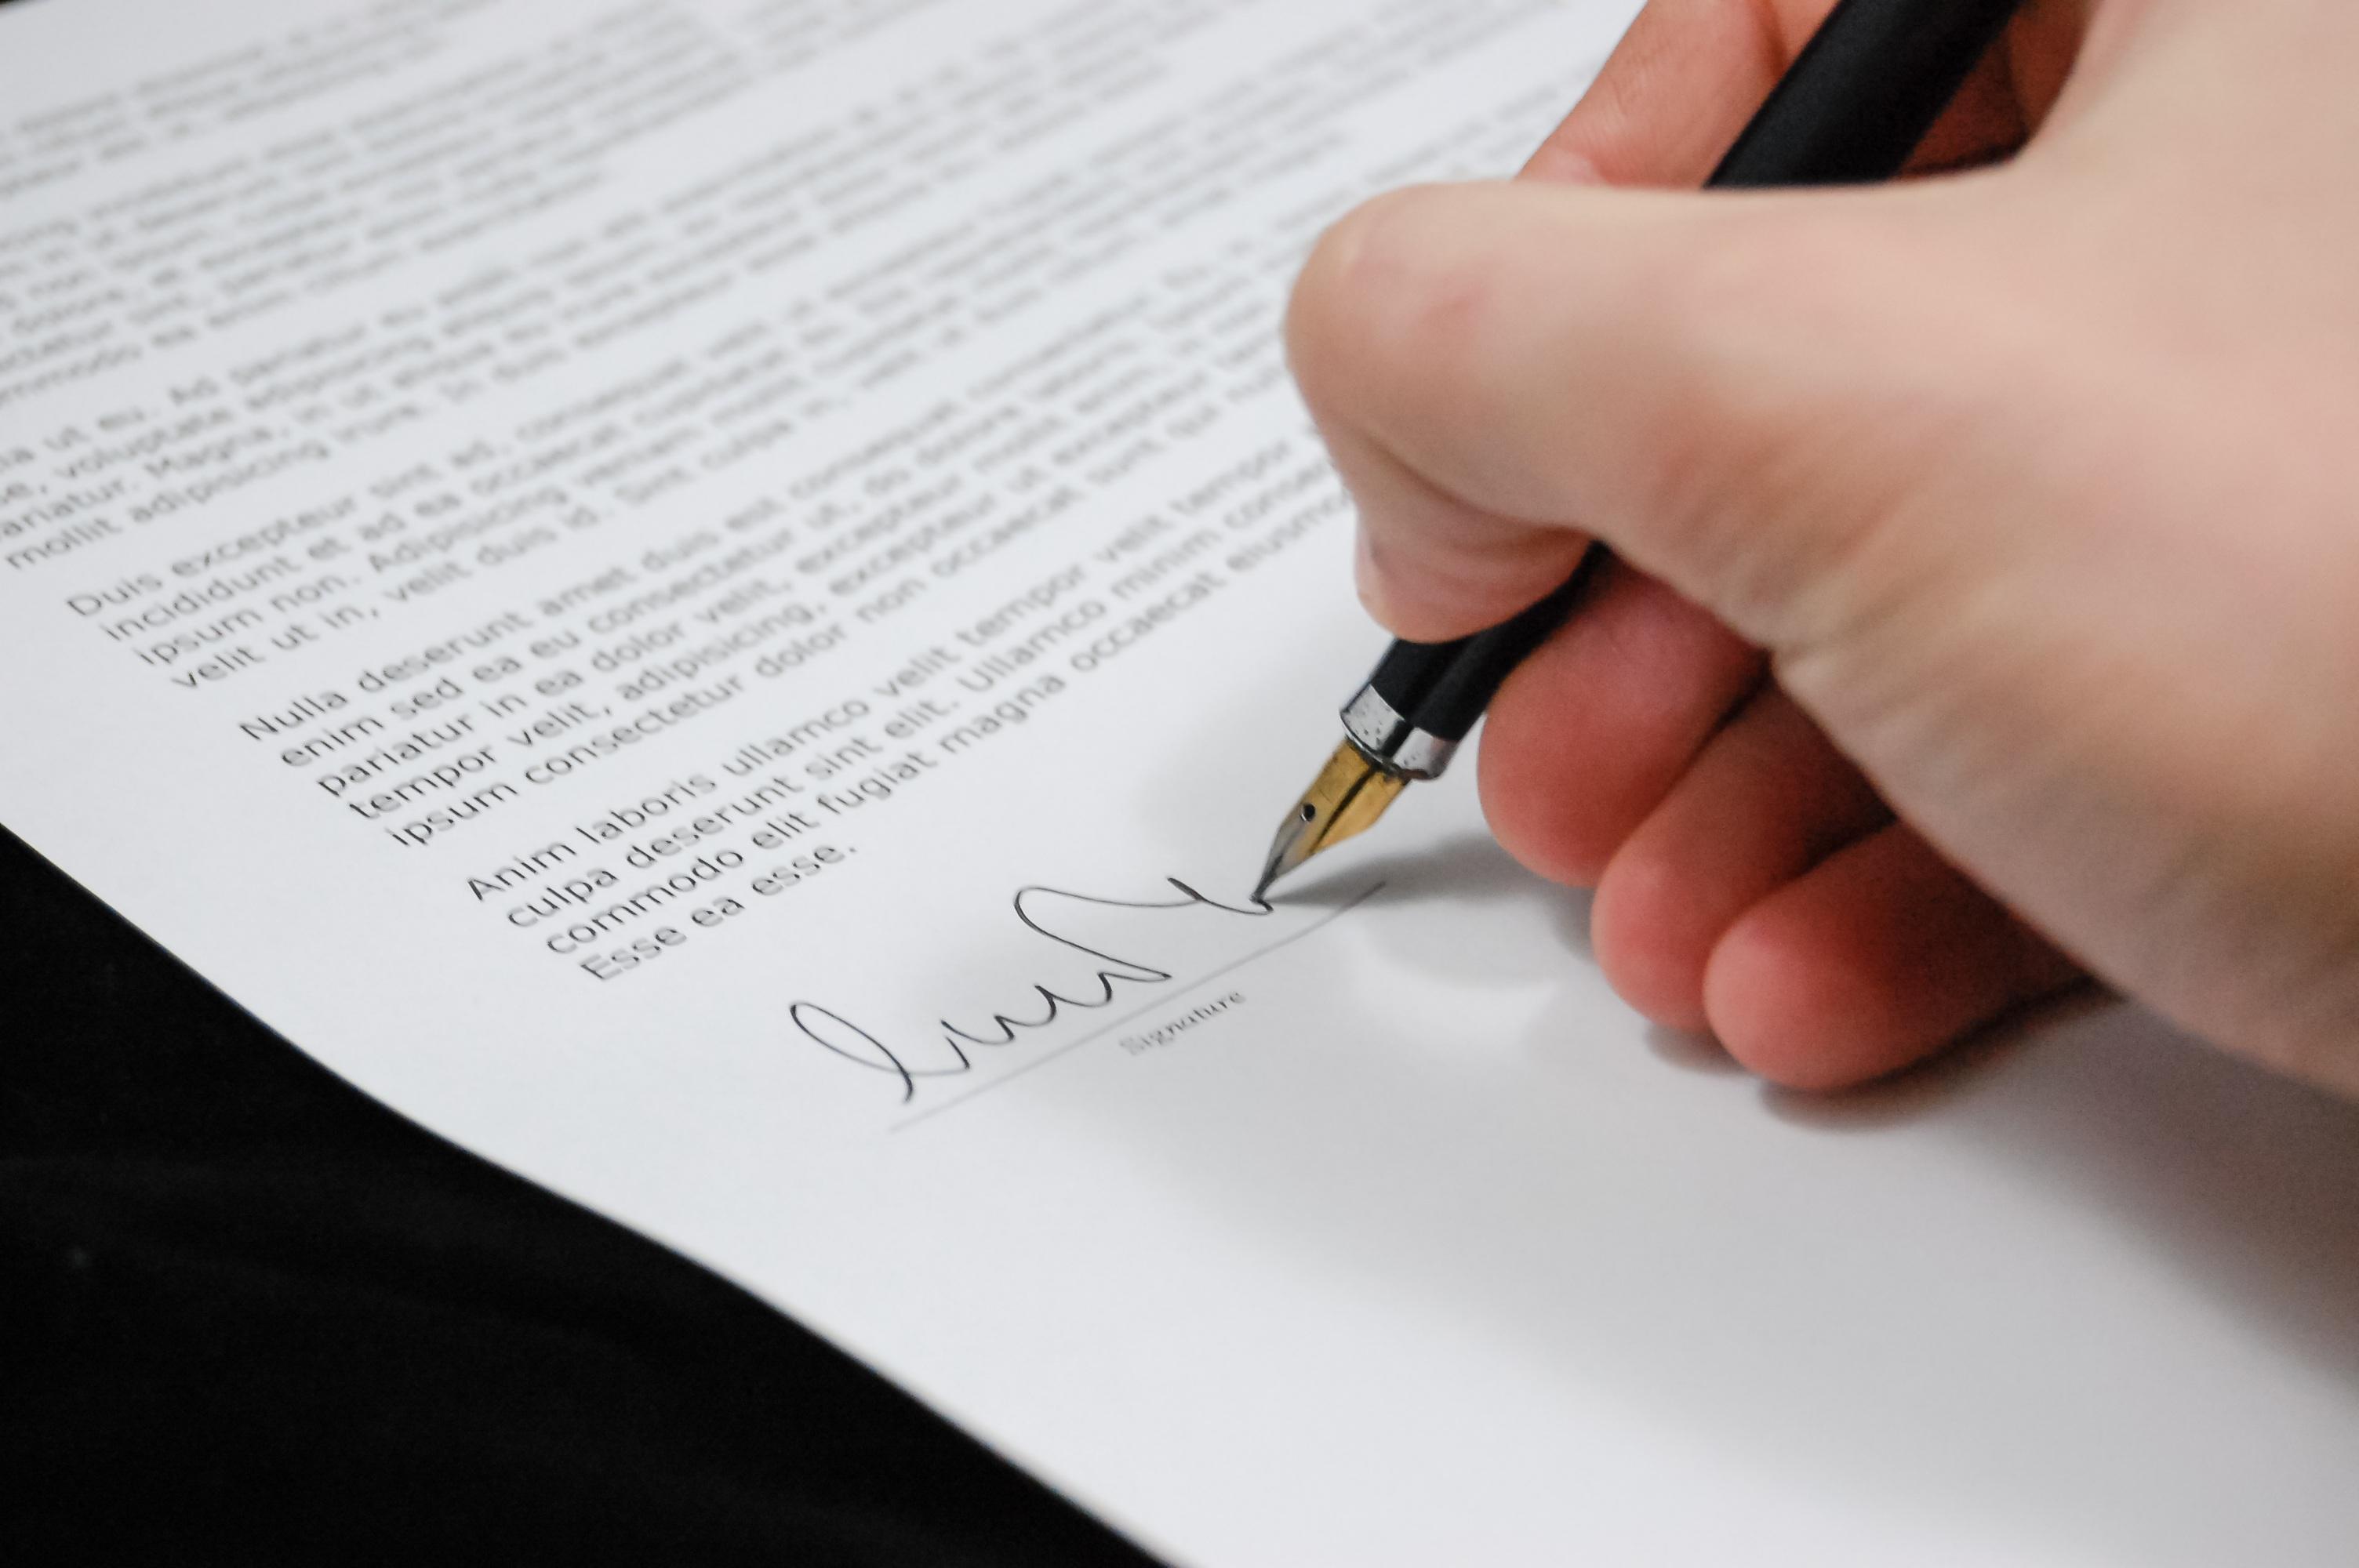 Carta de despedimento ou demissão-rescisão de contrato